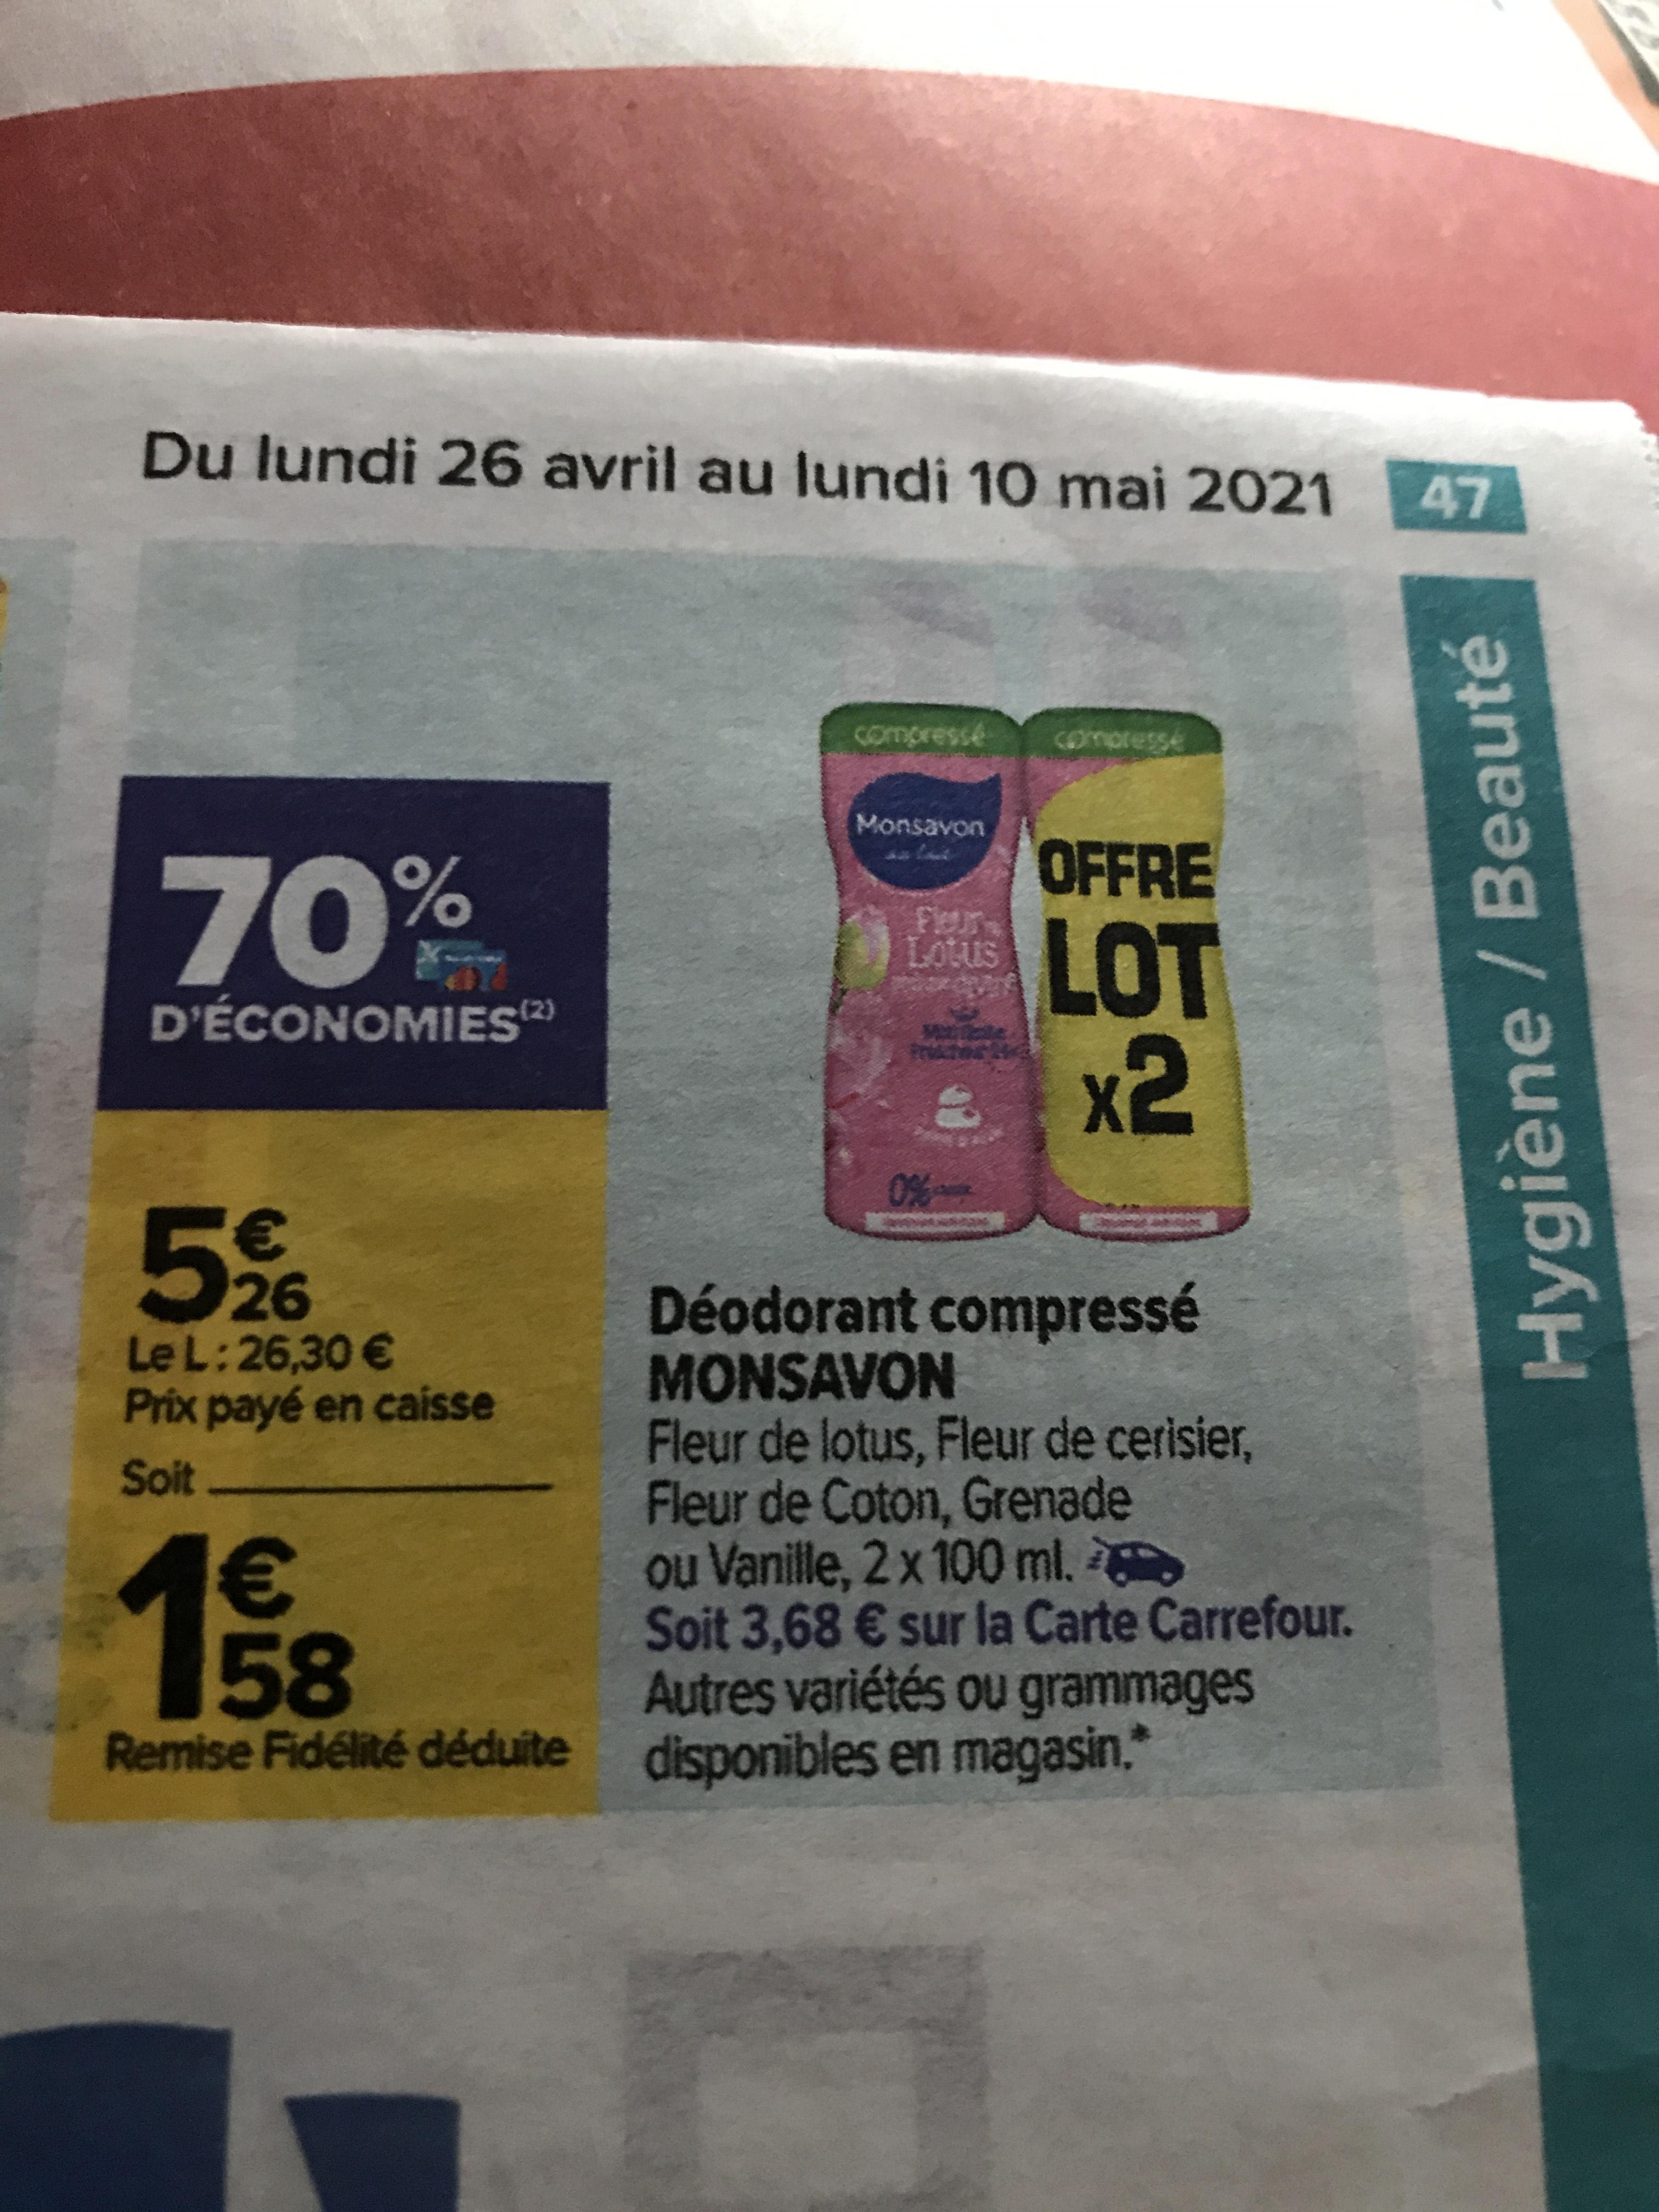 Sélection de produits en promotion - Ex : lot de 2 déodorants compressé Monsavon (via 3.68€ sur la carte de fidélité)